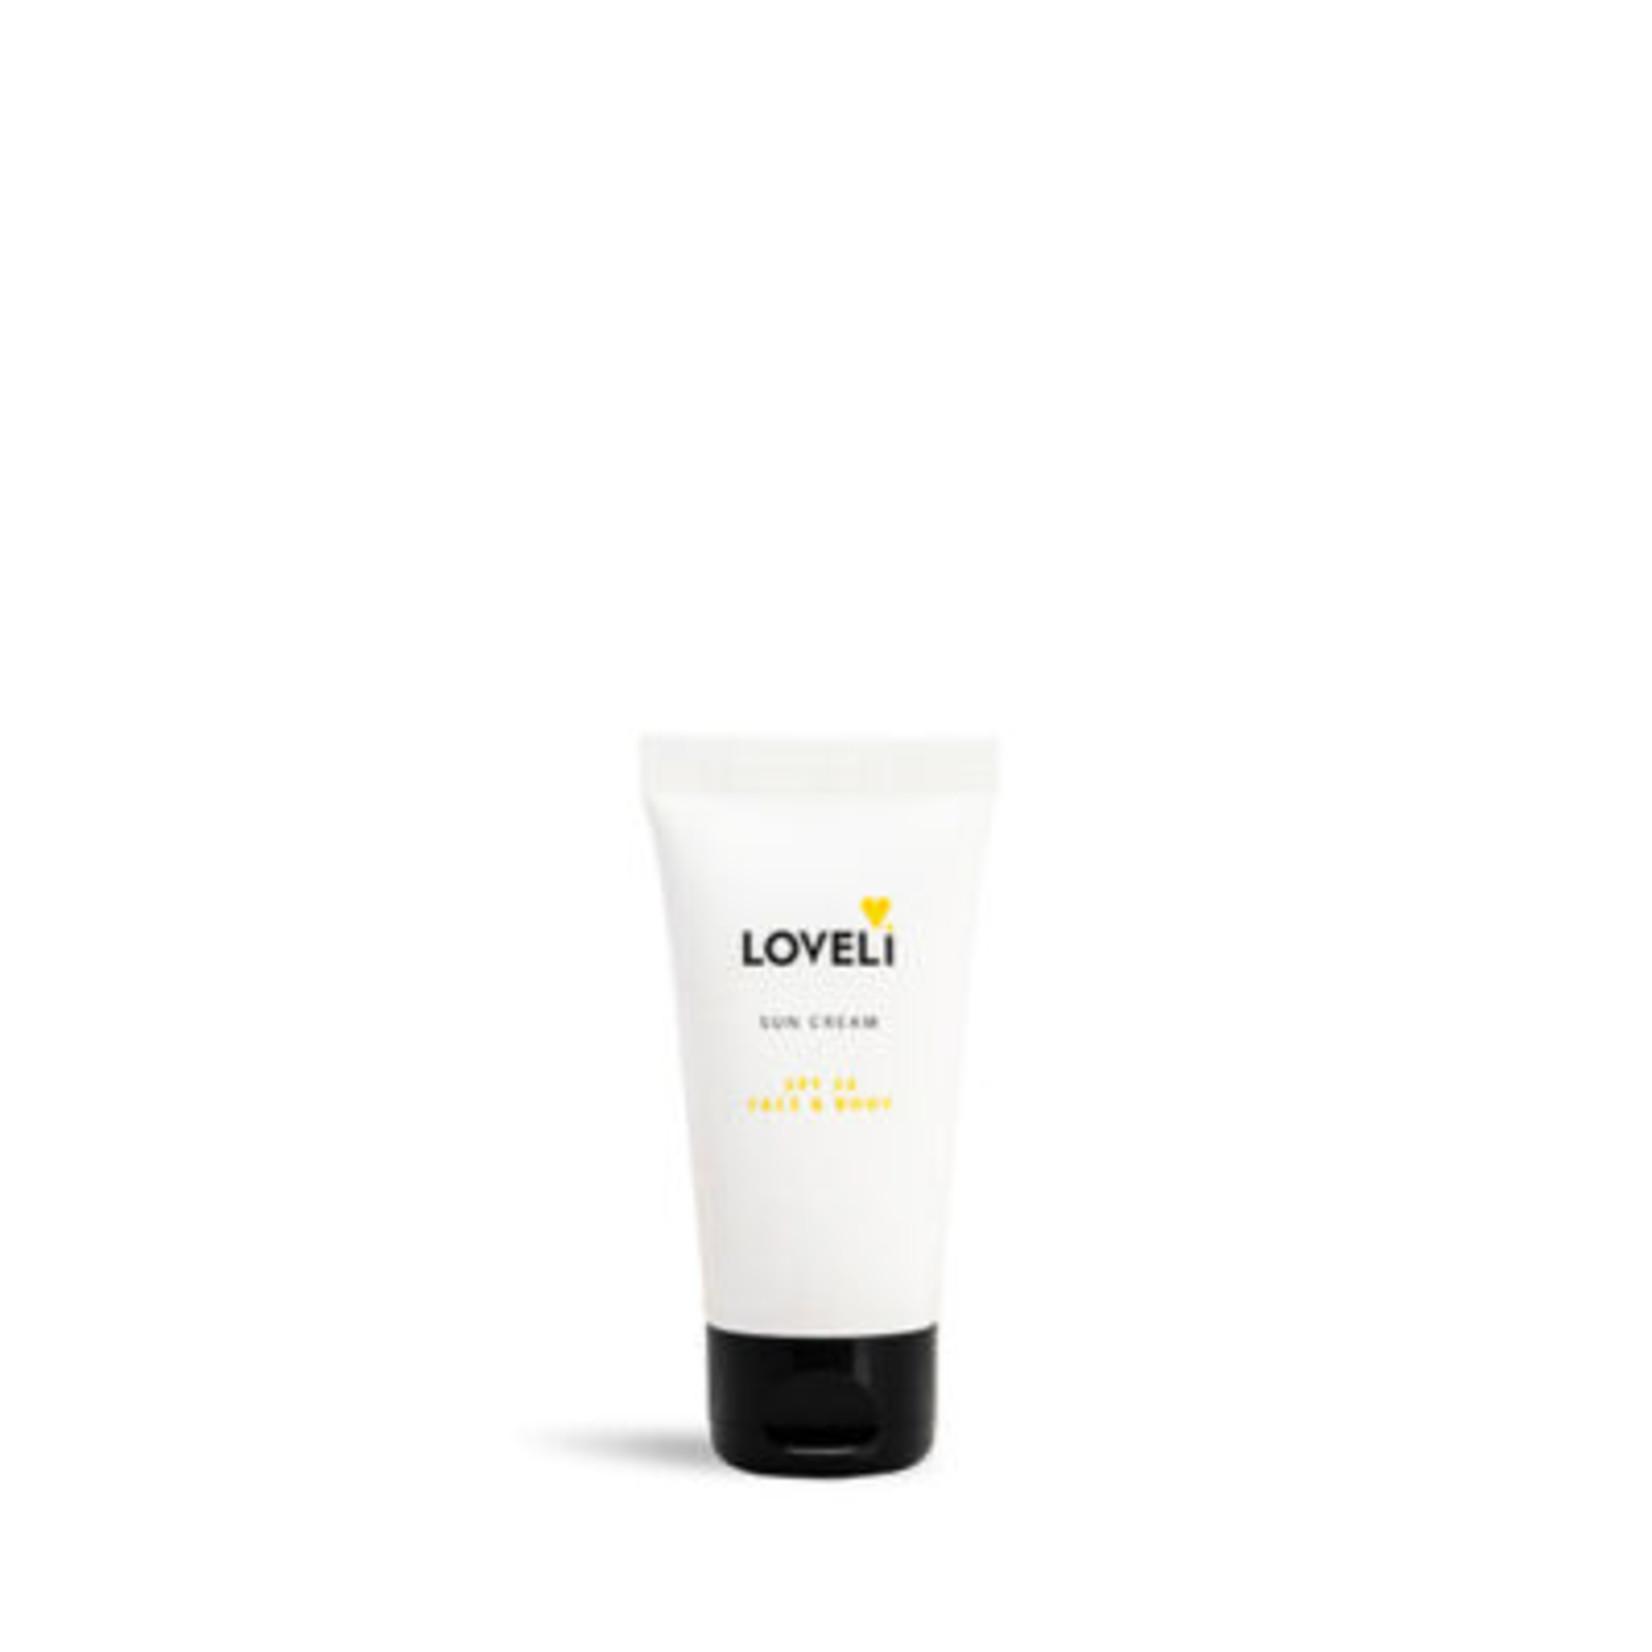 Loveli Loveli Sun Cream spf 30 (50 ml)